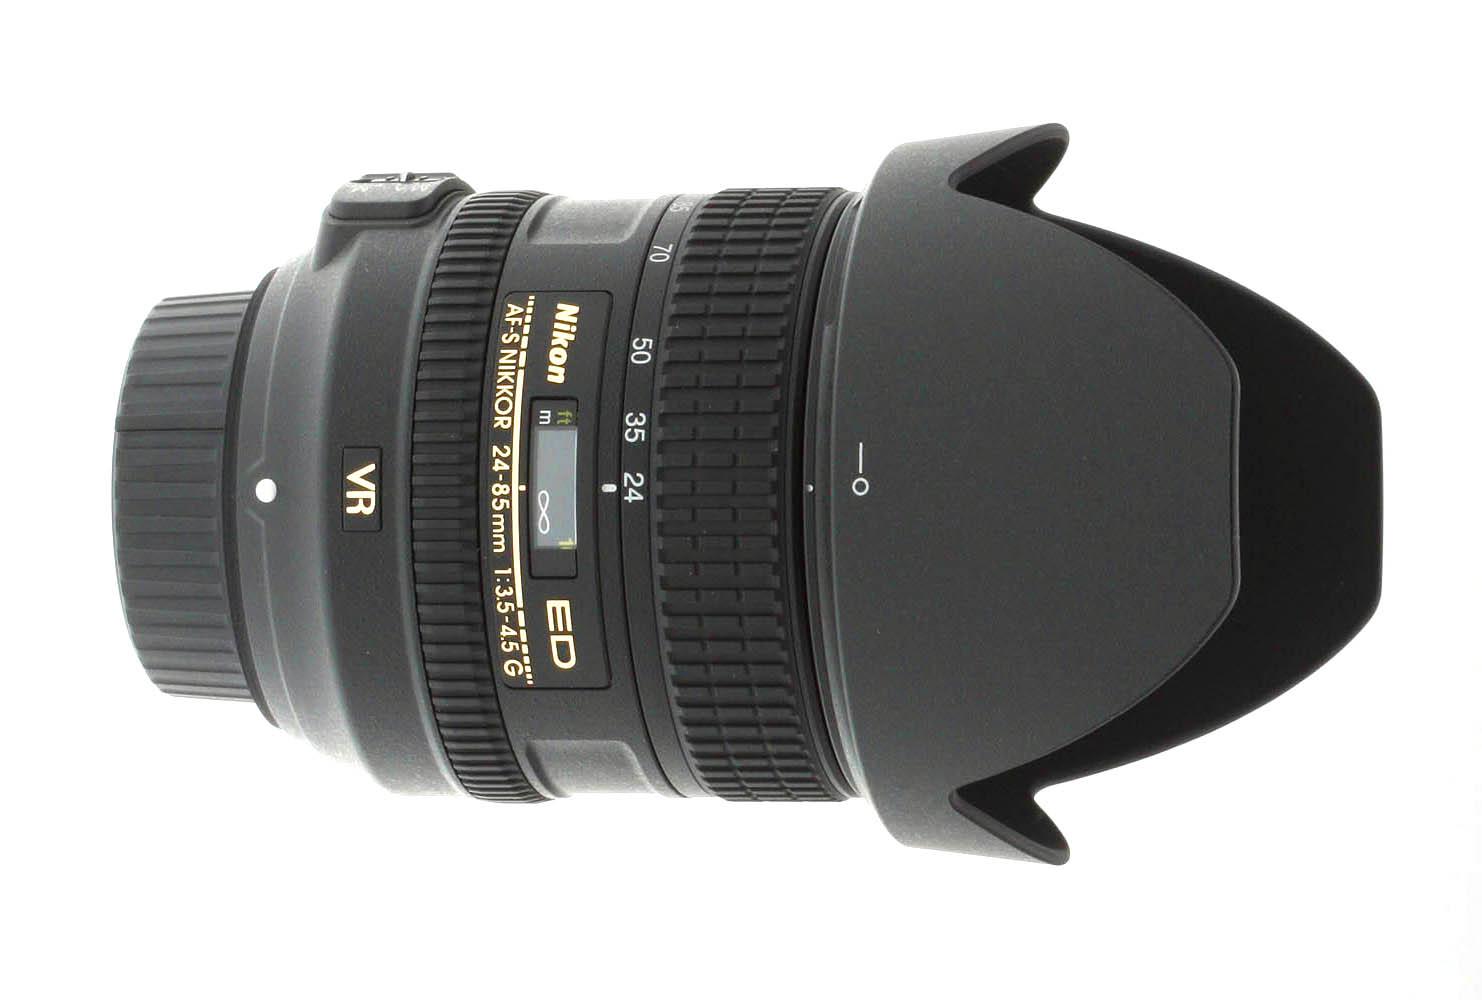 Nikon 24 85mm F 35 45g Ed Vr Af S Nikkor Review 105mm 28g If Dx Fisheye Product Photos